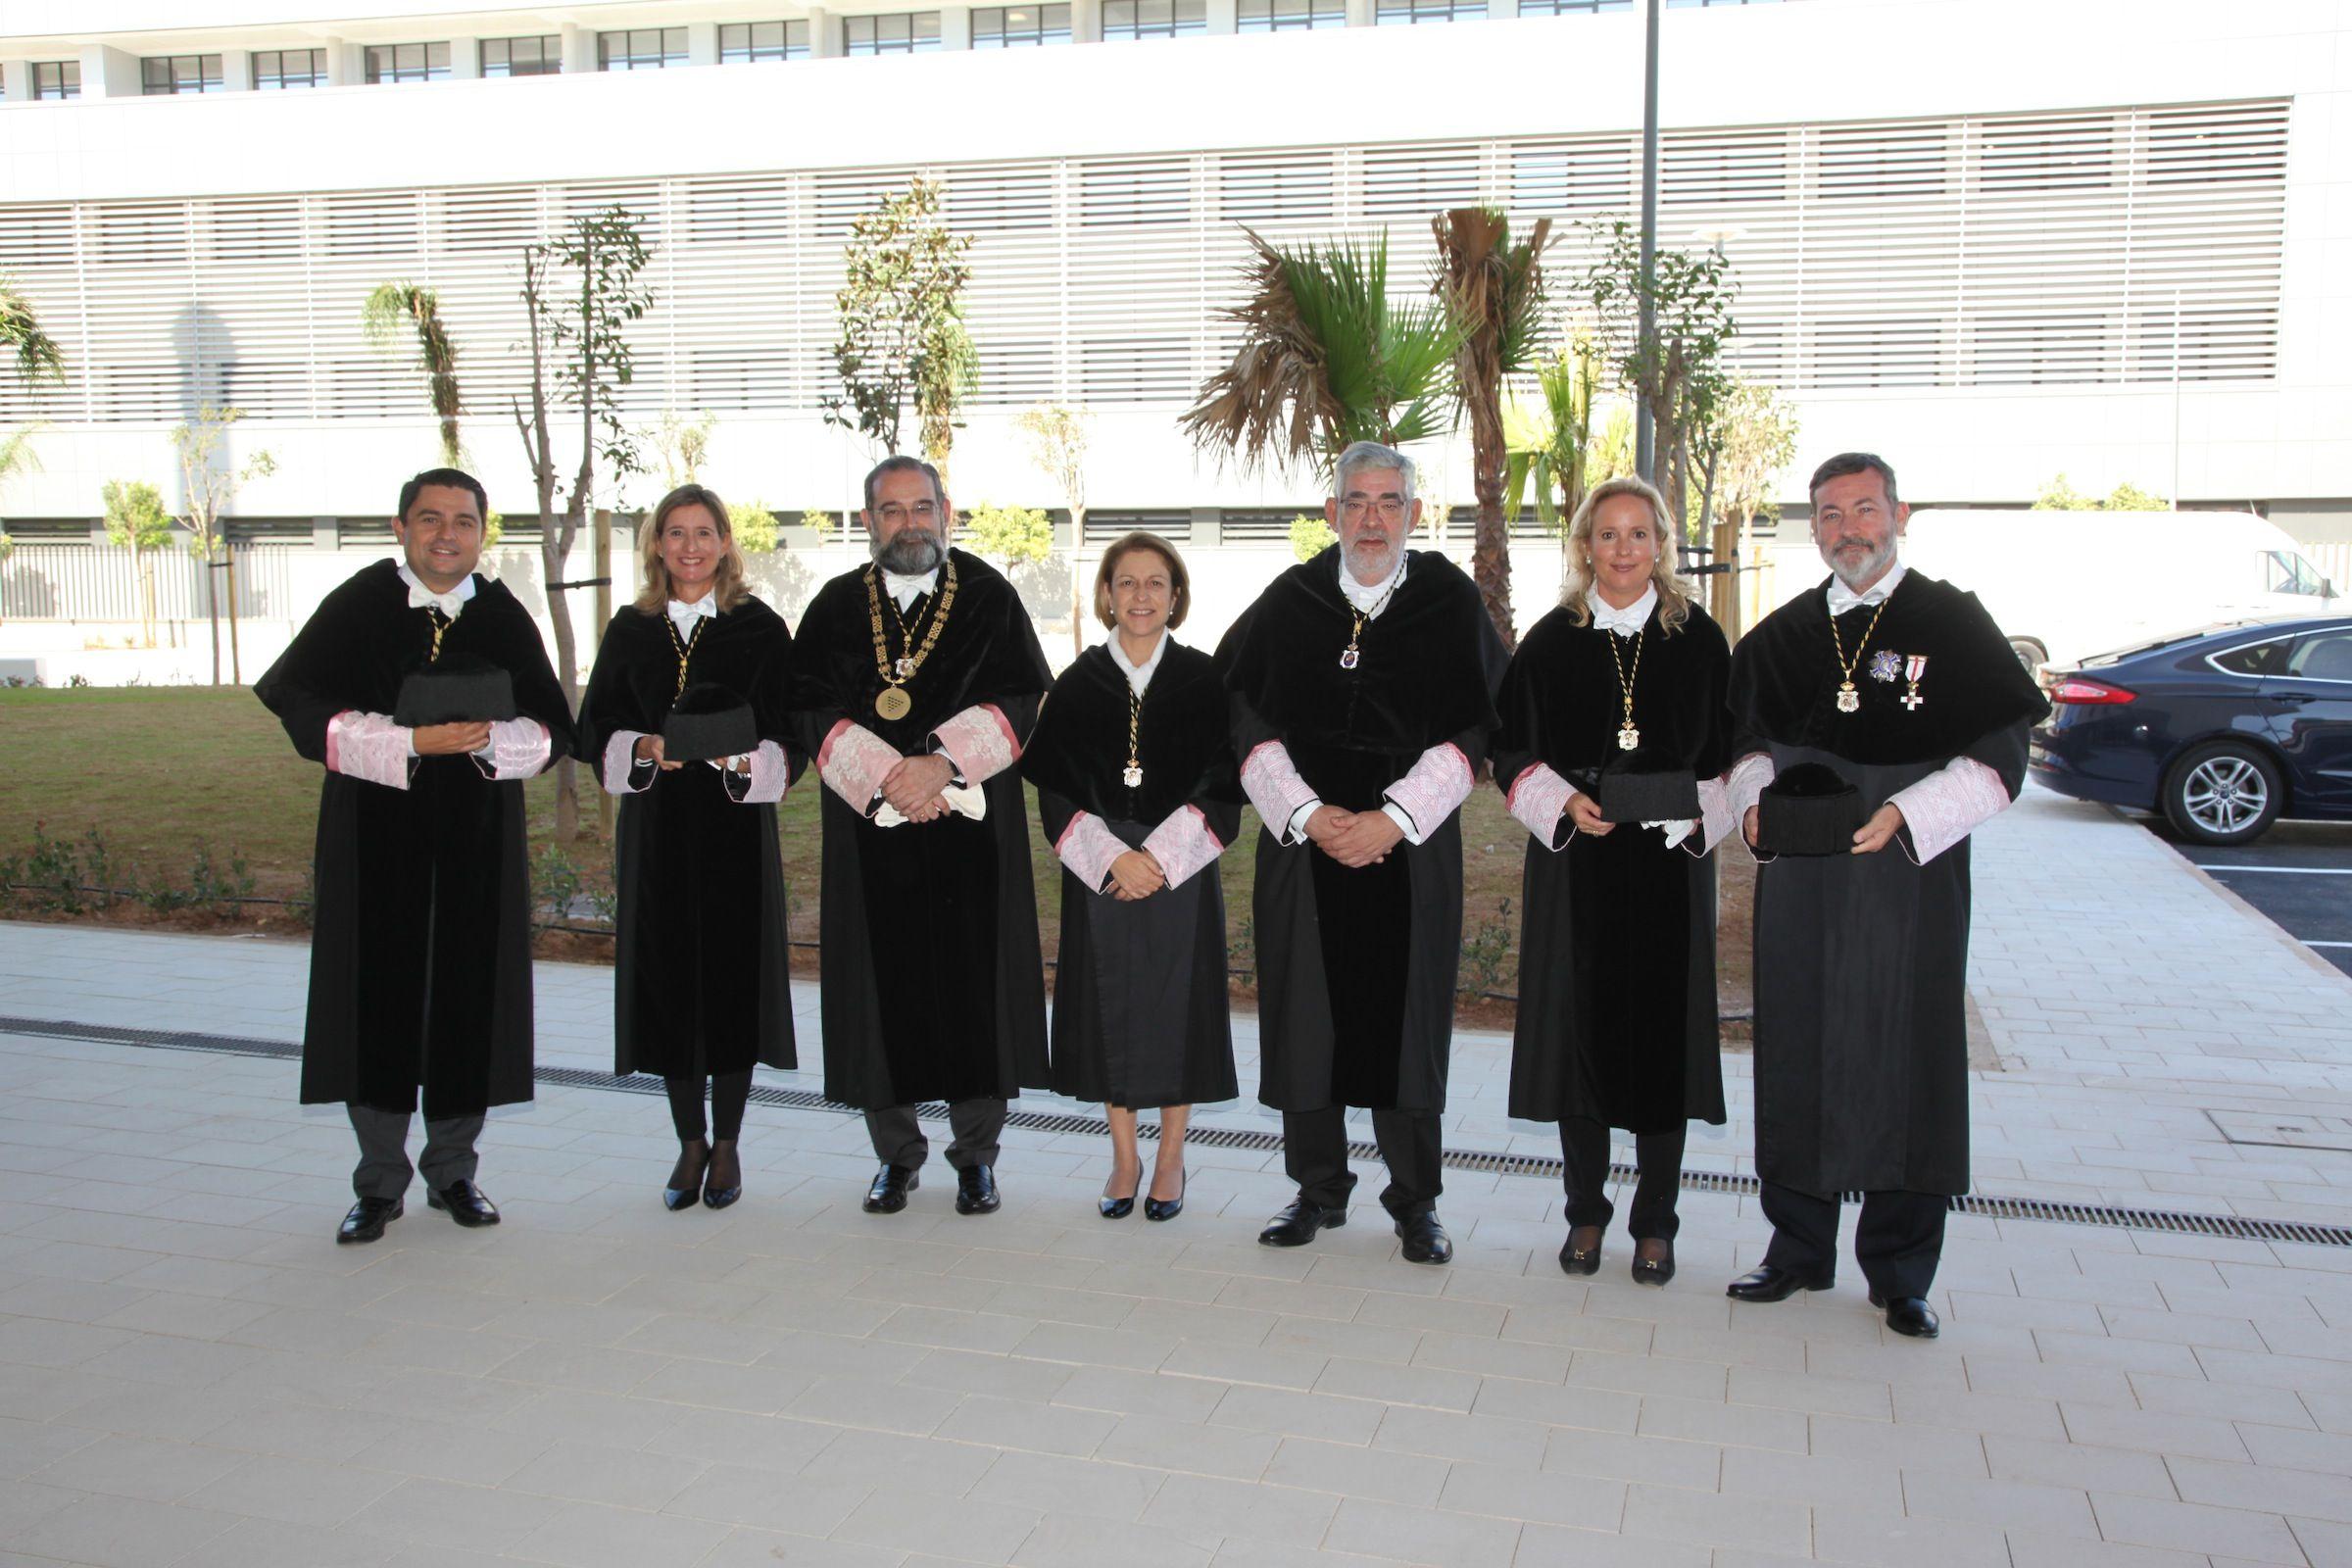 Los rectores asistentes al acto de apertura del curso 2019-20 en la CEU UCH.